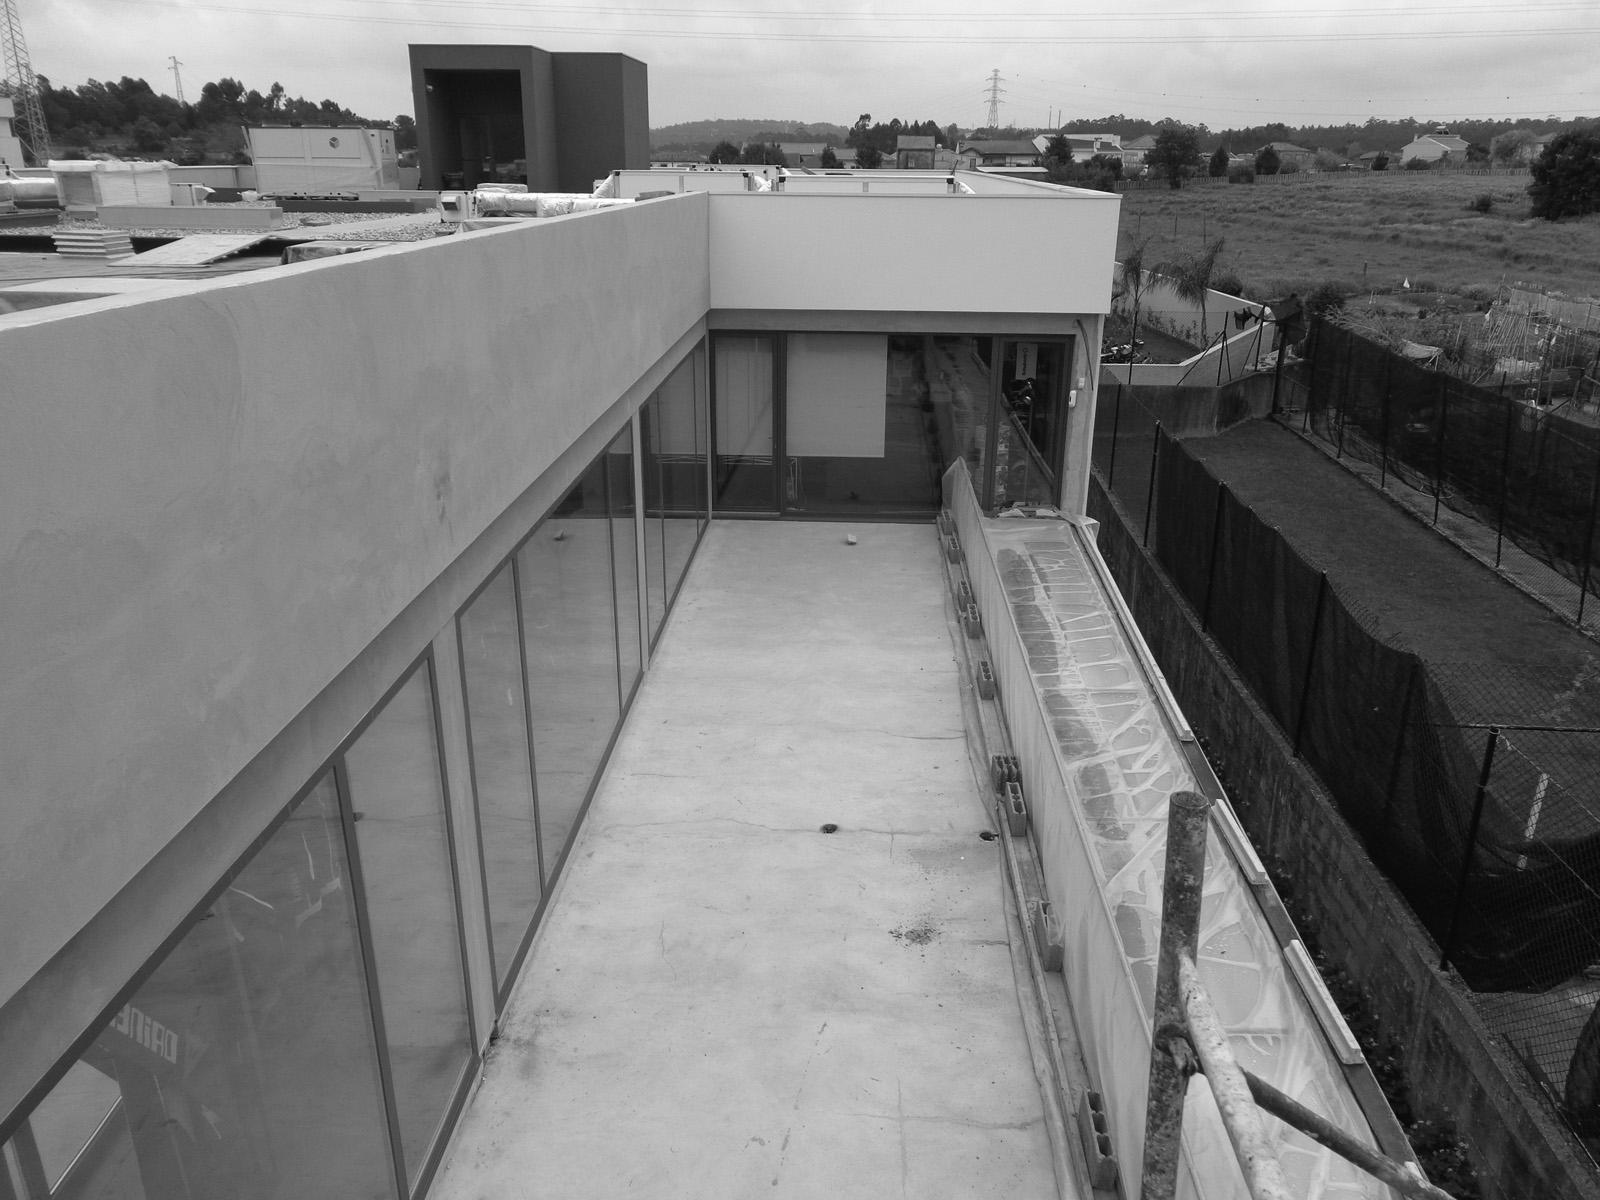 Grupo Antero Motos - Em Construção - Vila Nova de Gaia - EVA evolutionary architecture - Arquitectos Porto (45).jpg